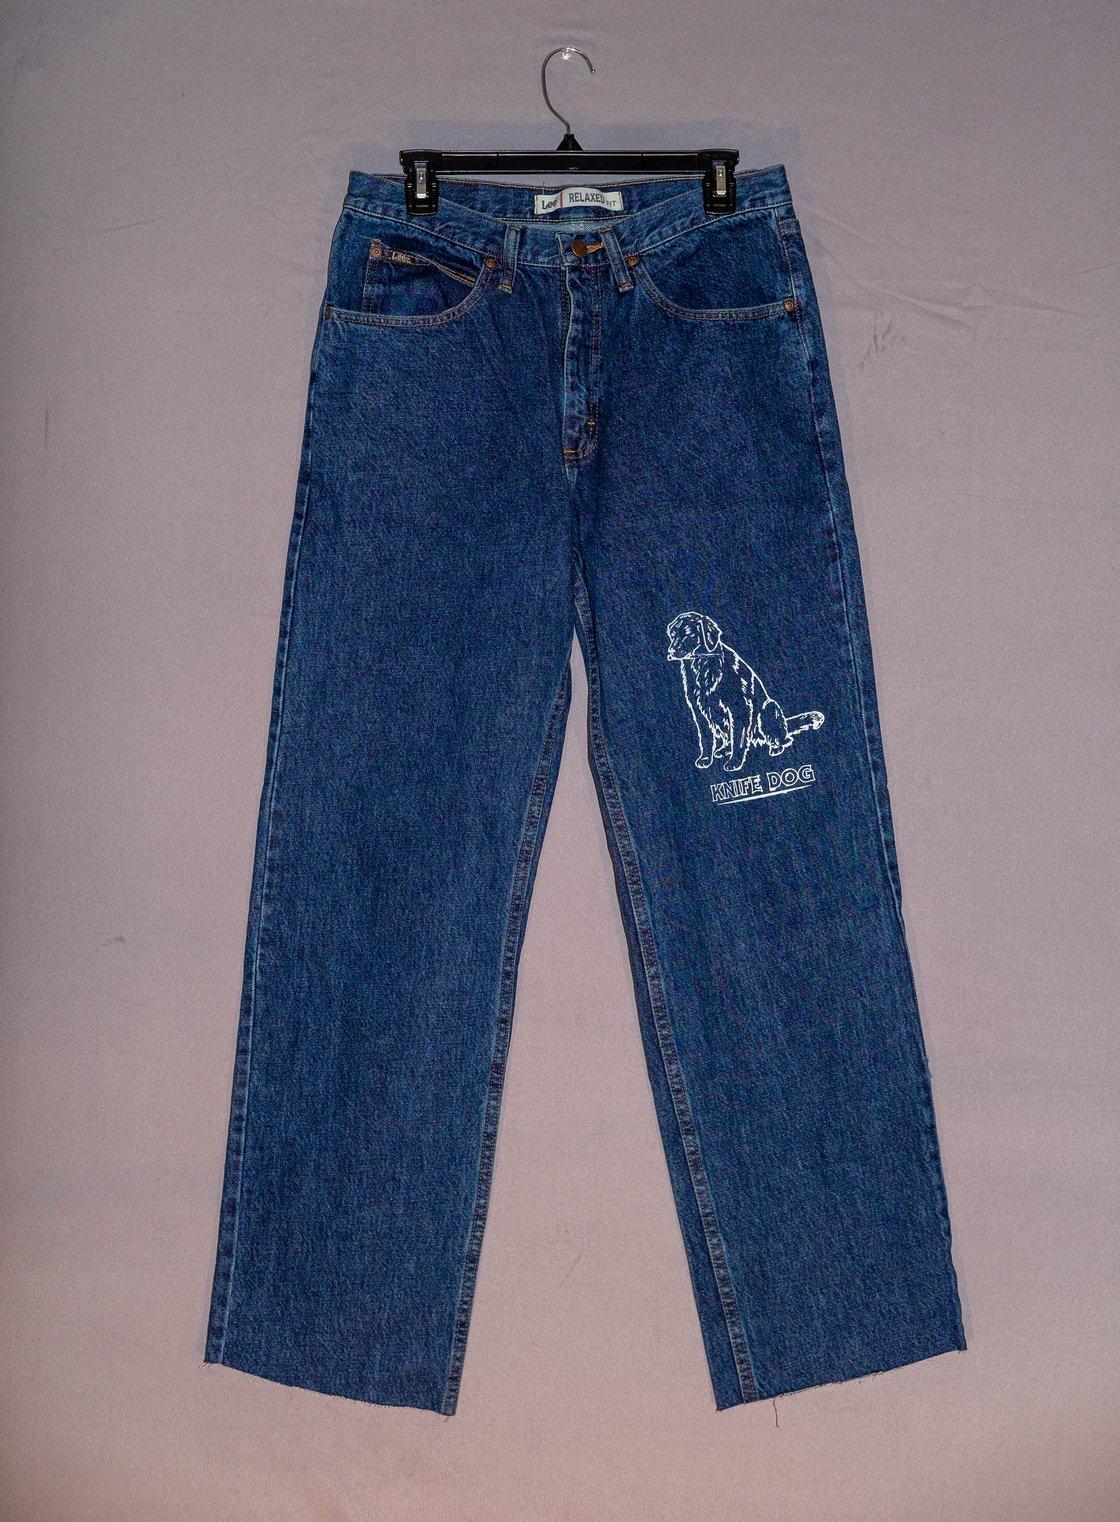 Image of Knife Dog Jeans